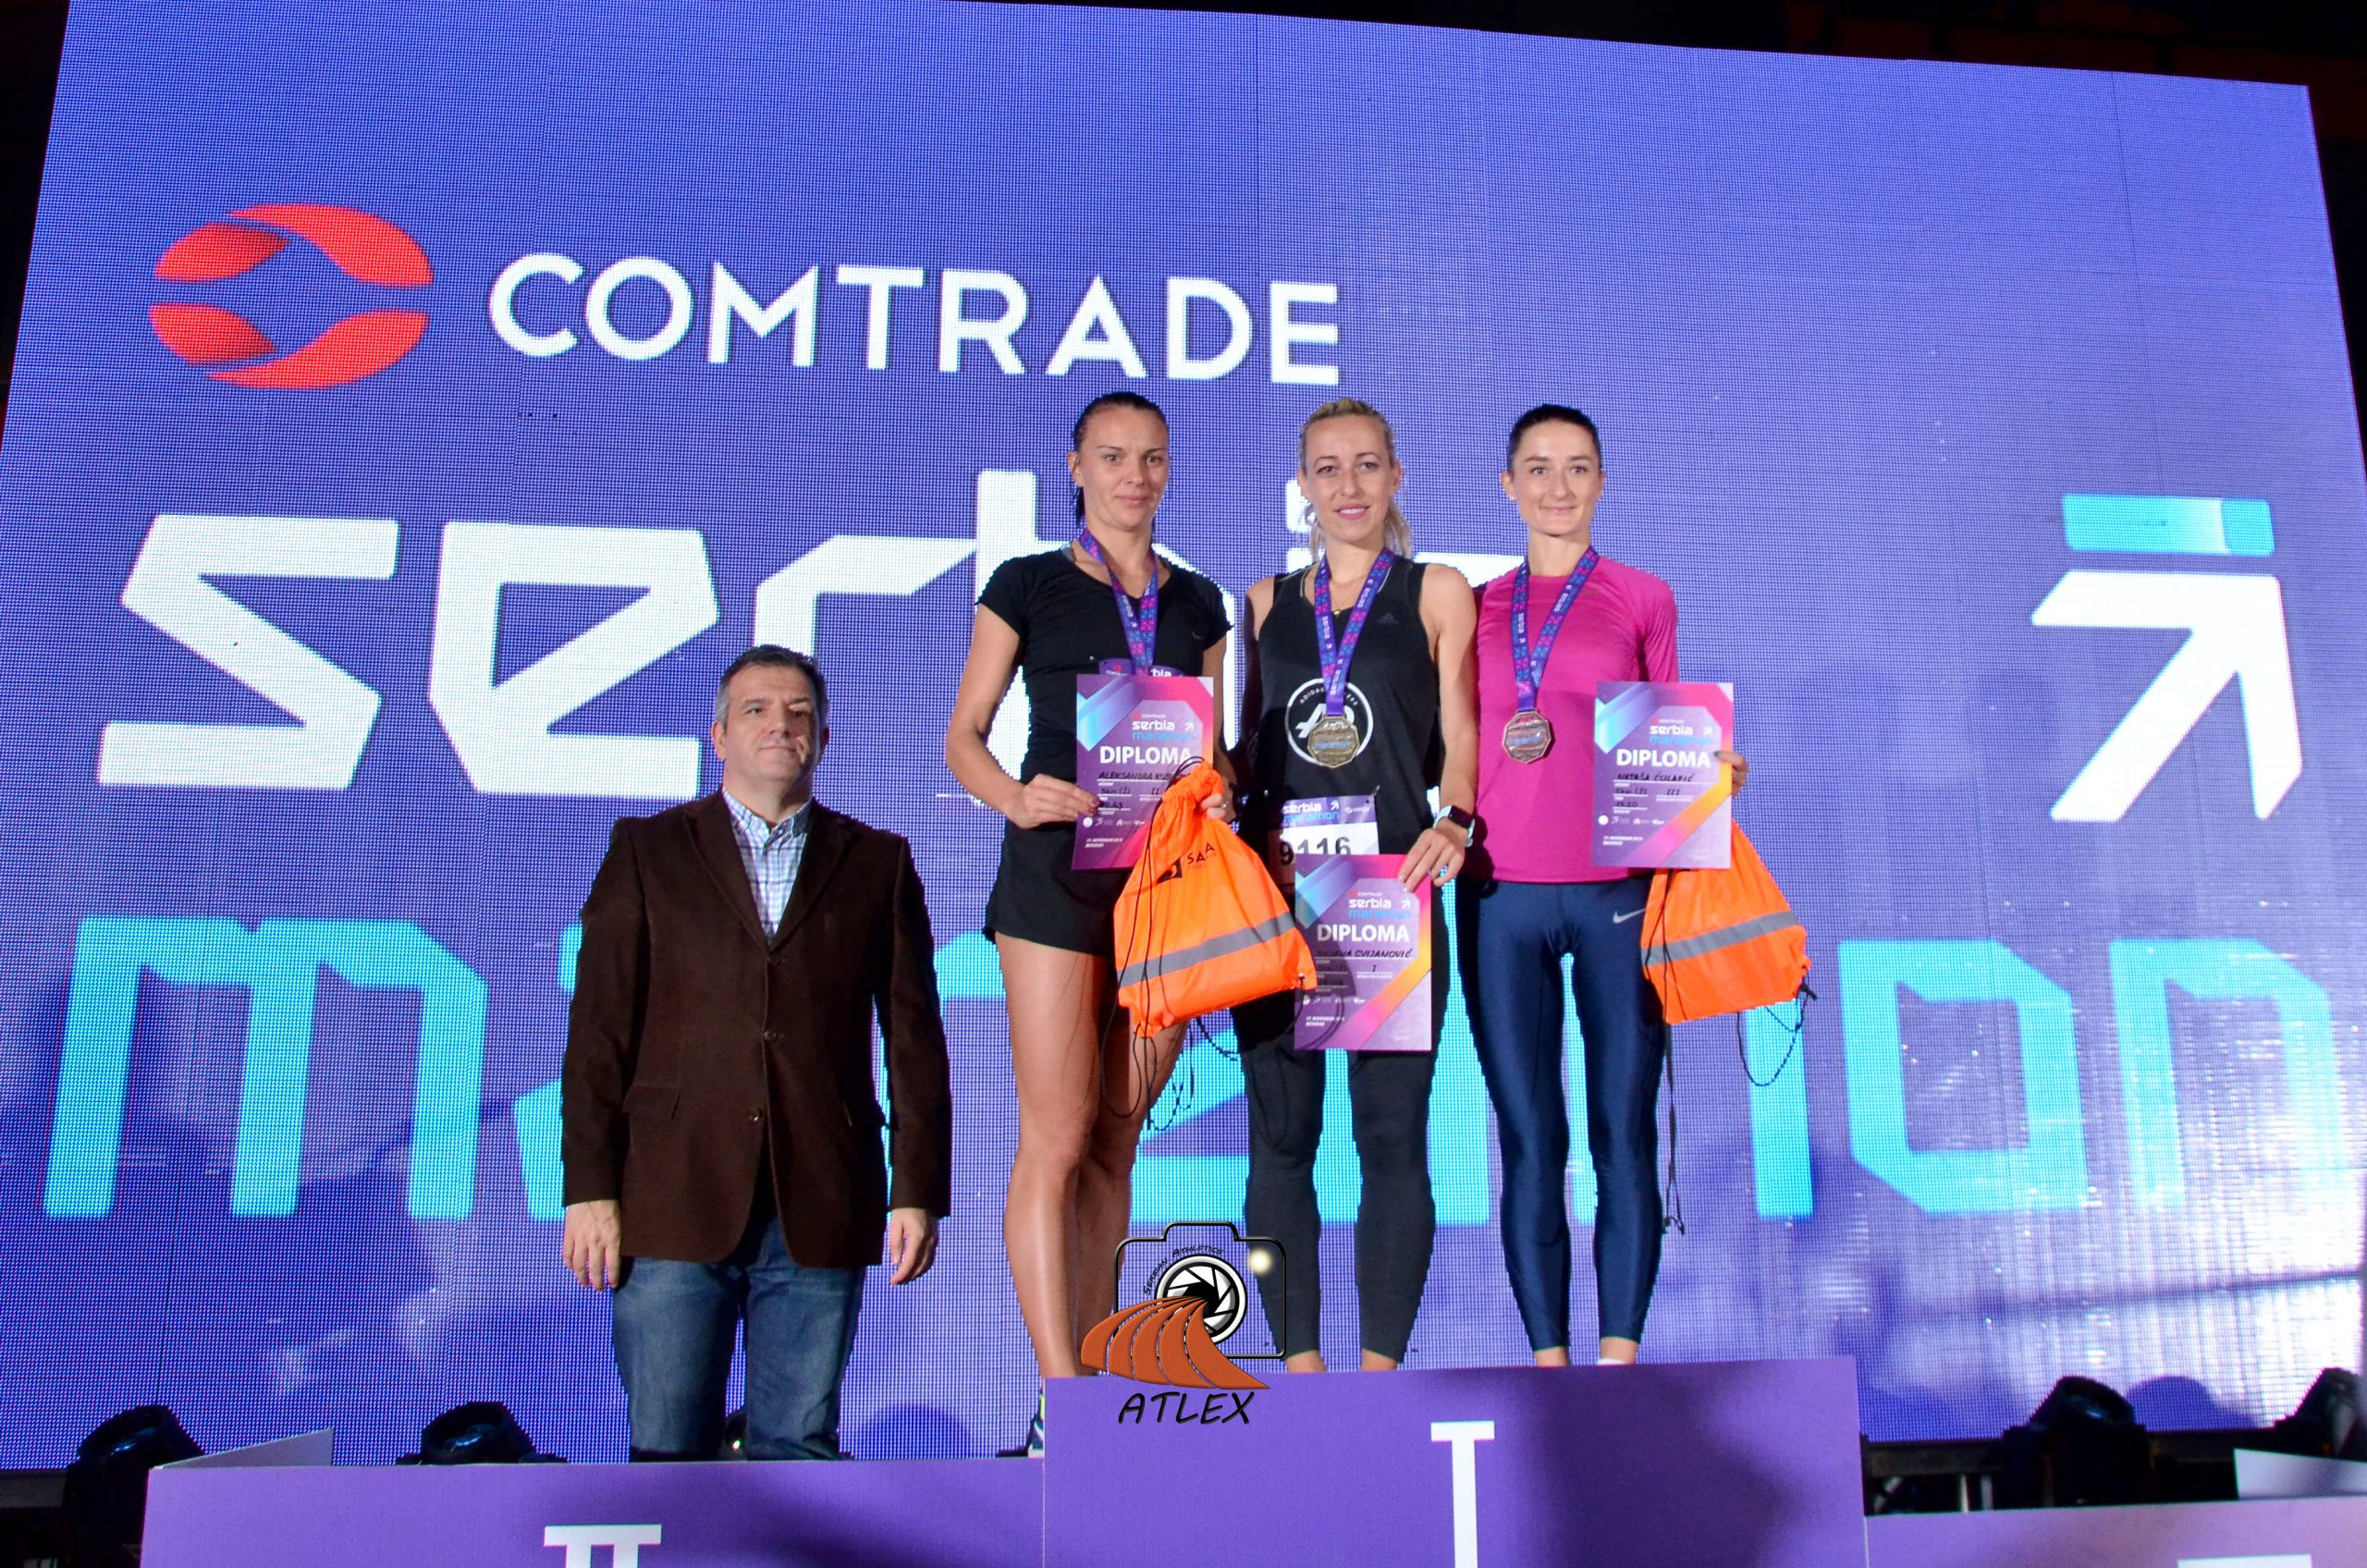 1. Comtrade Serbia Marathon - pobednice trke na 5km -Aleksandra Kostadinović, Biljana Cvjanović, Nataša Ćulafić